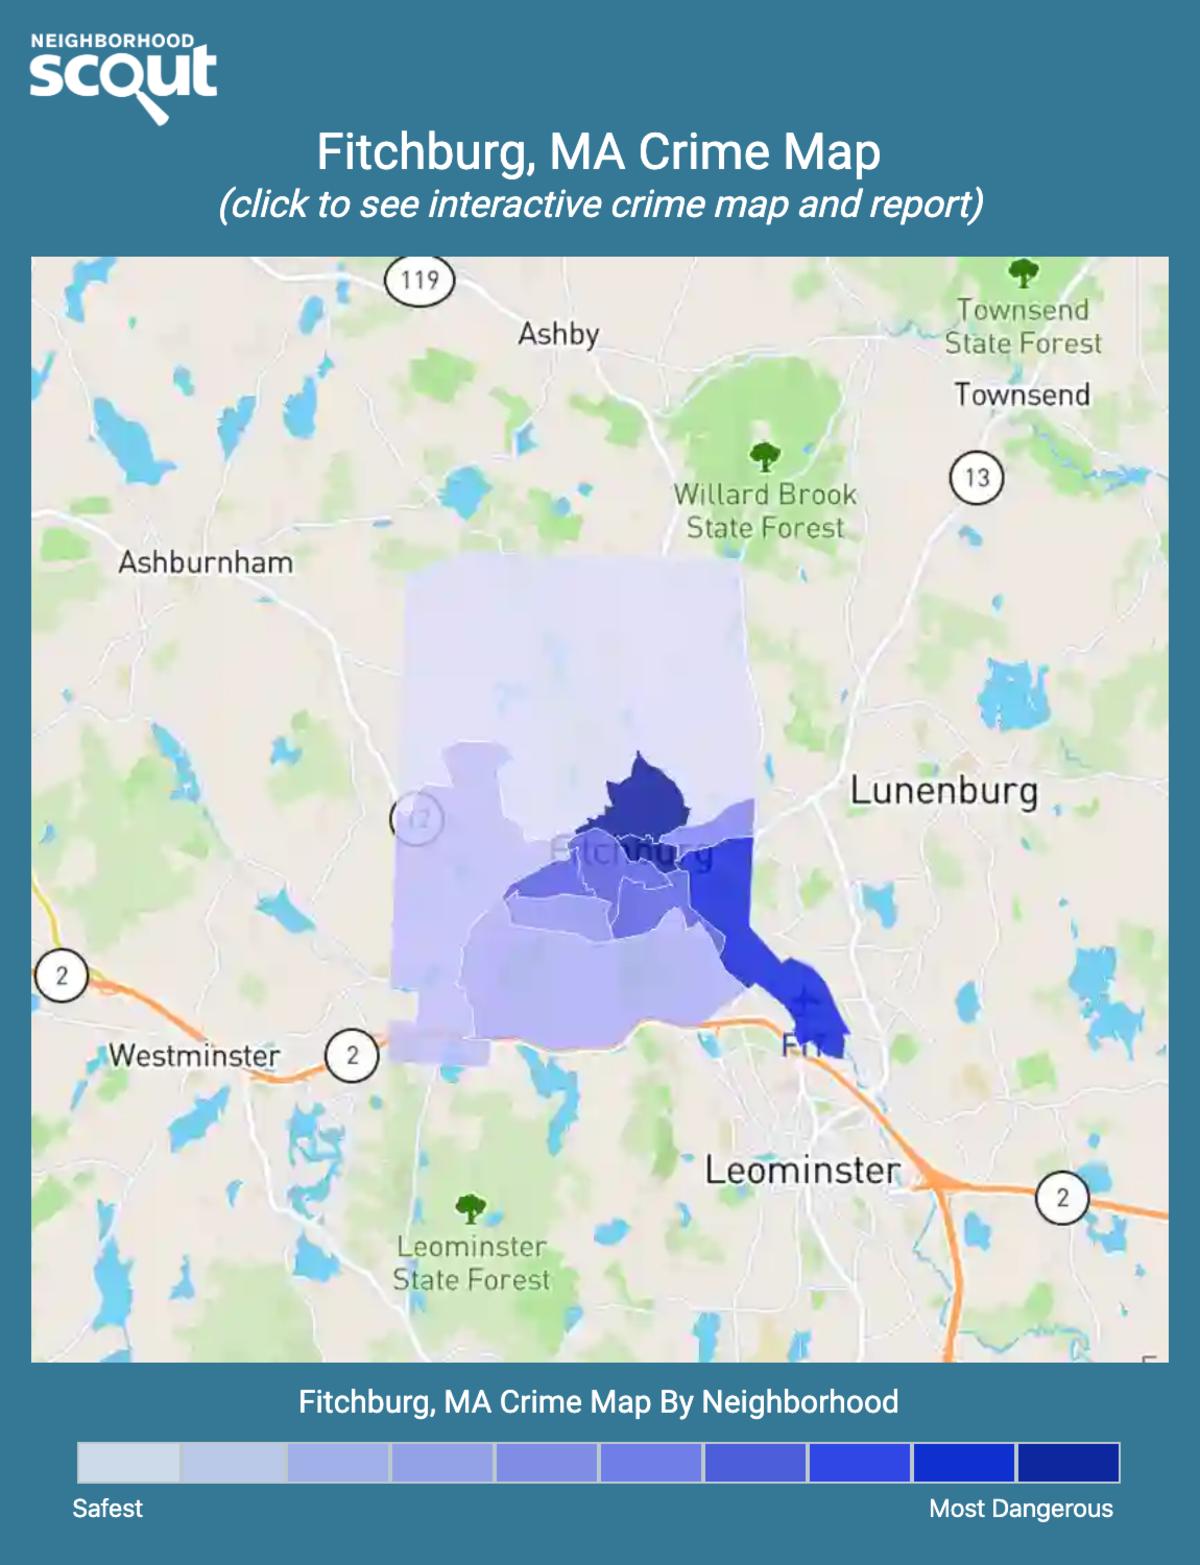 Fitchburg, Massachusetts crime map